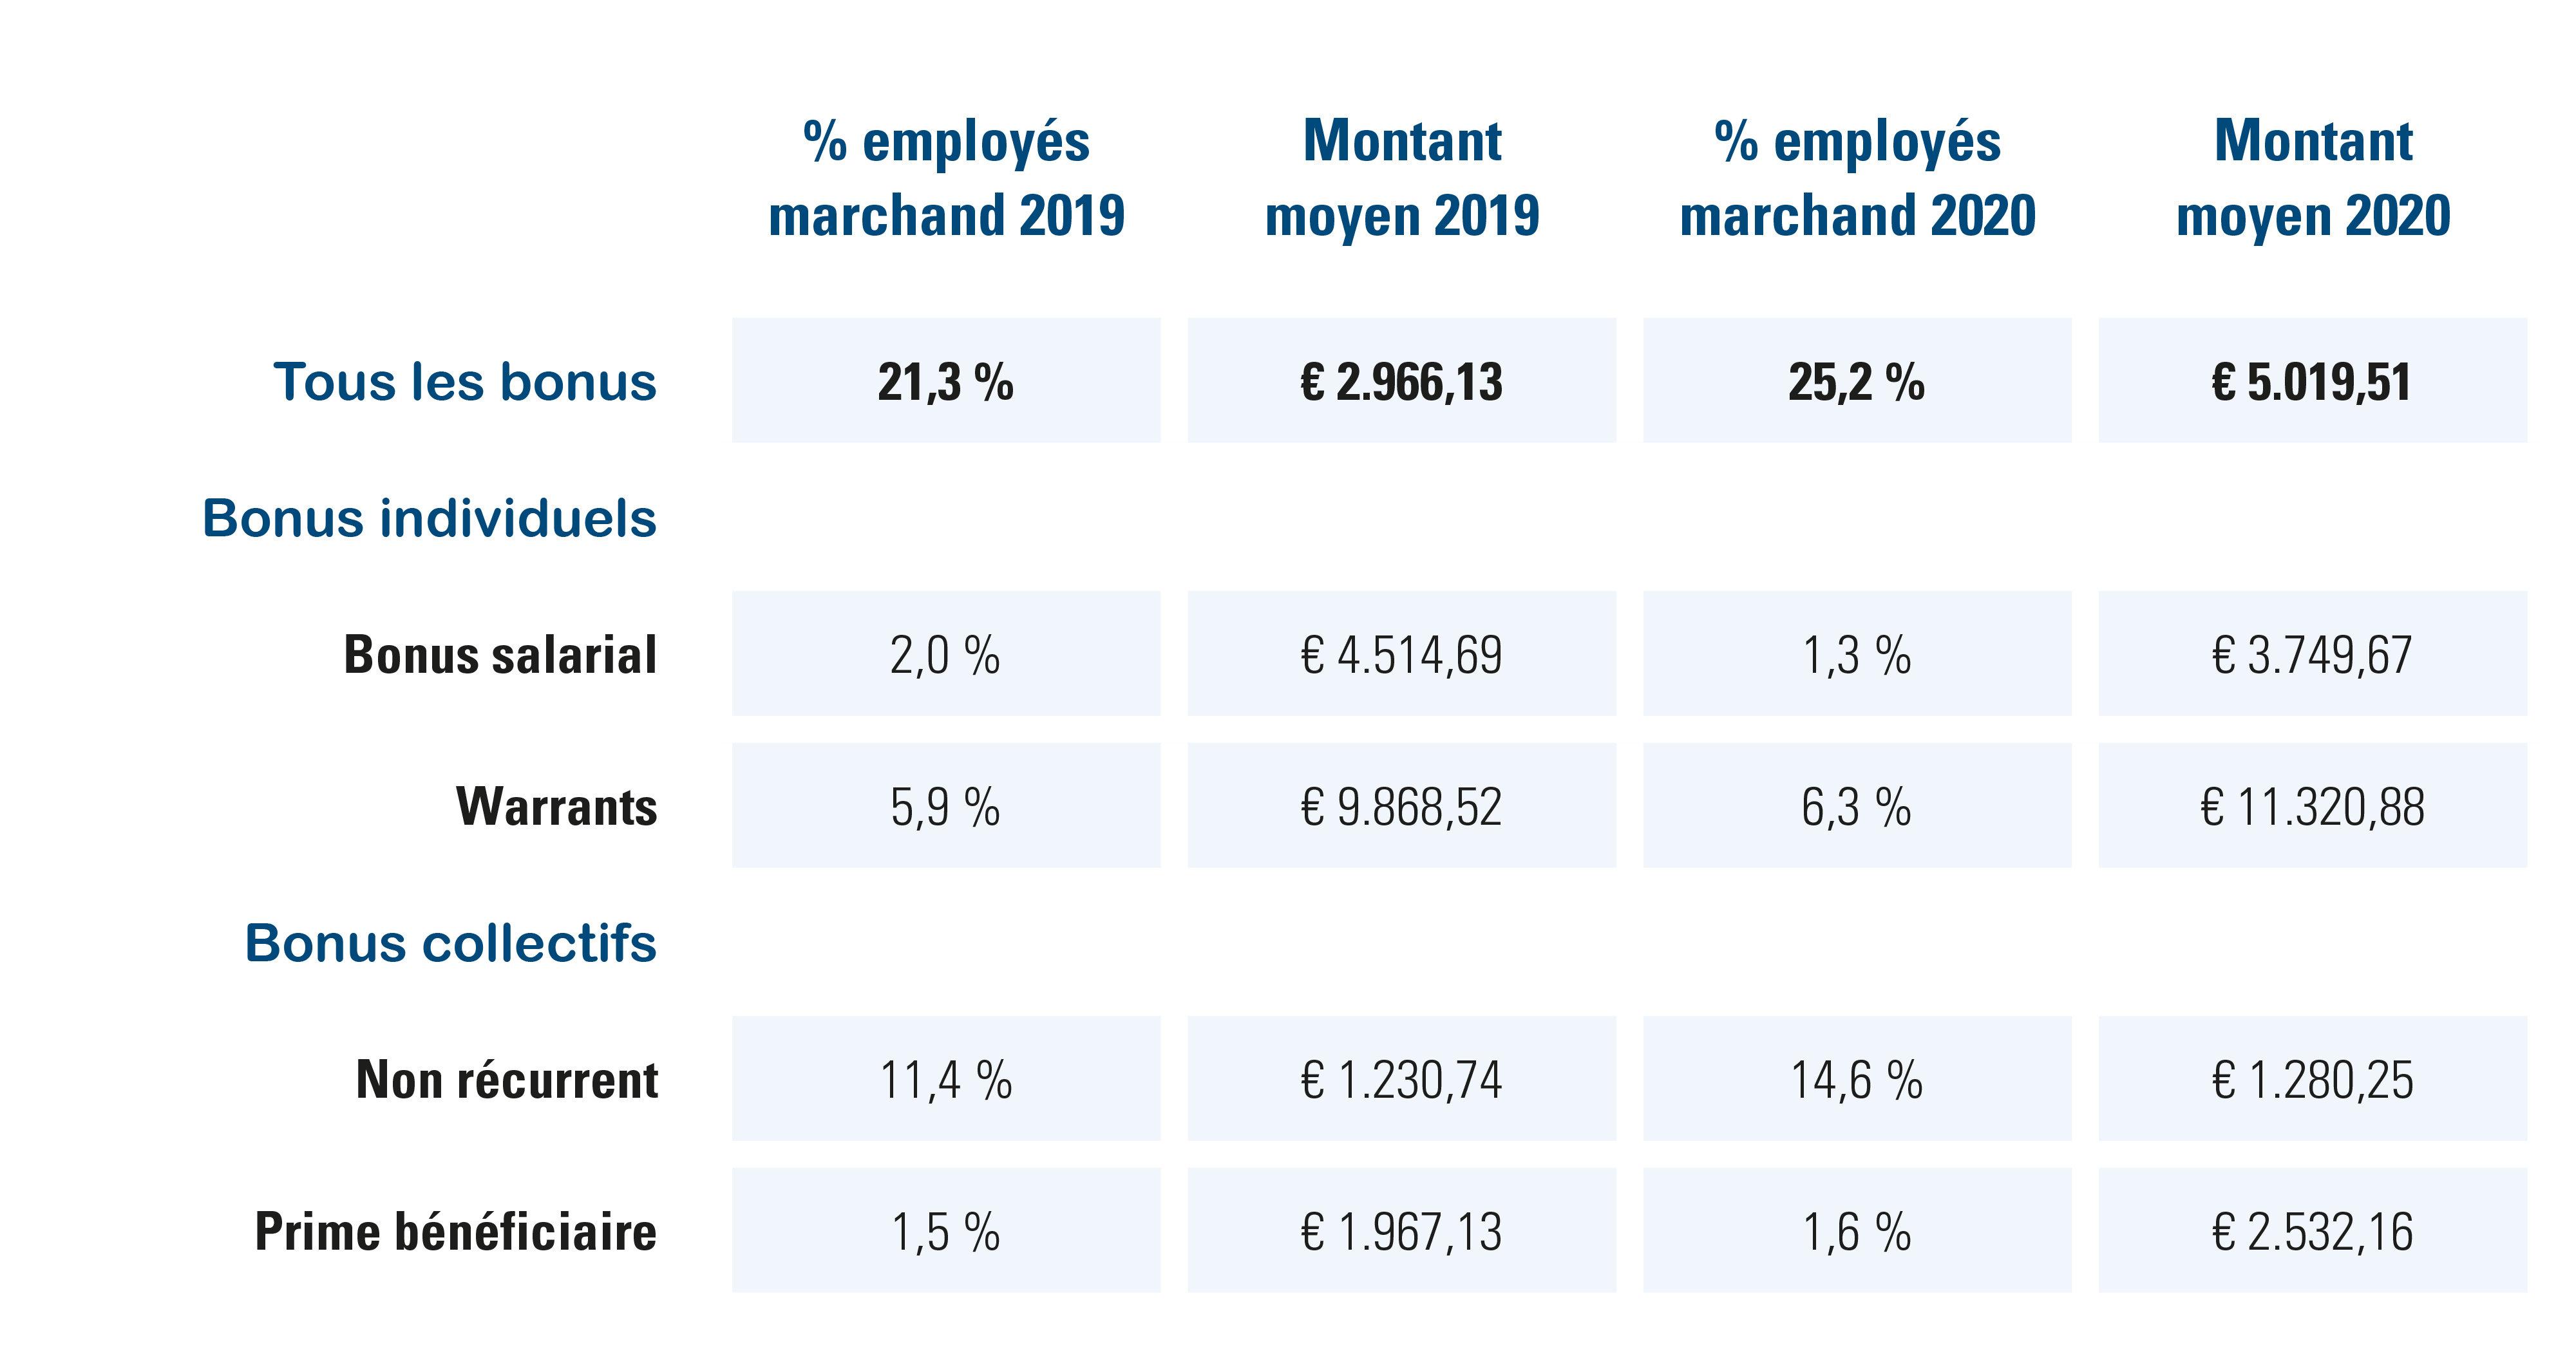 Aperçu des bonus des employés du secteur marchand, en % et €, 2019 vs. 2020